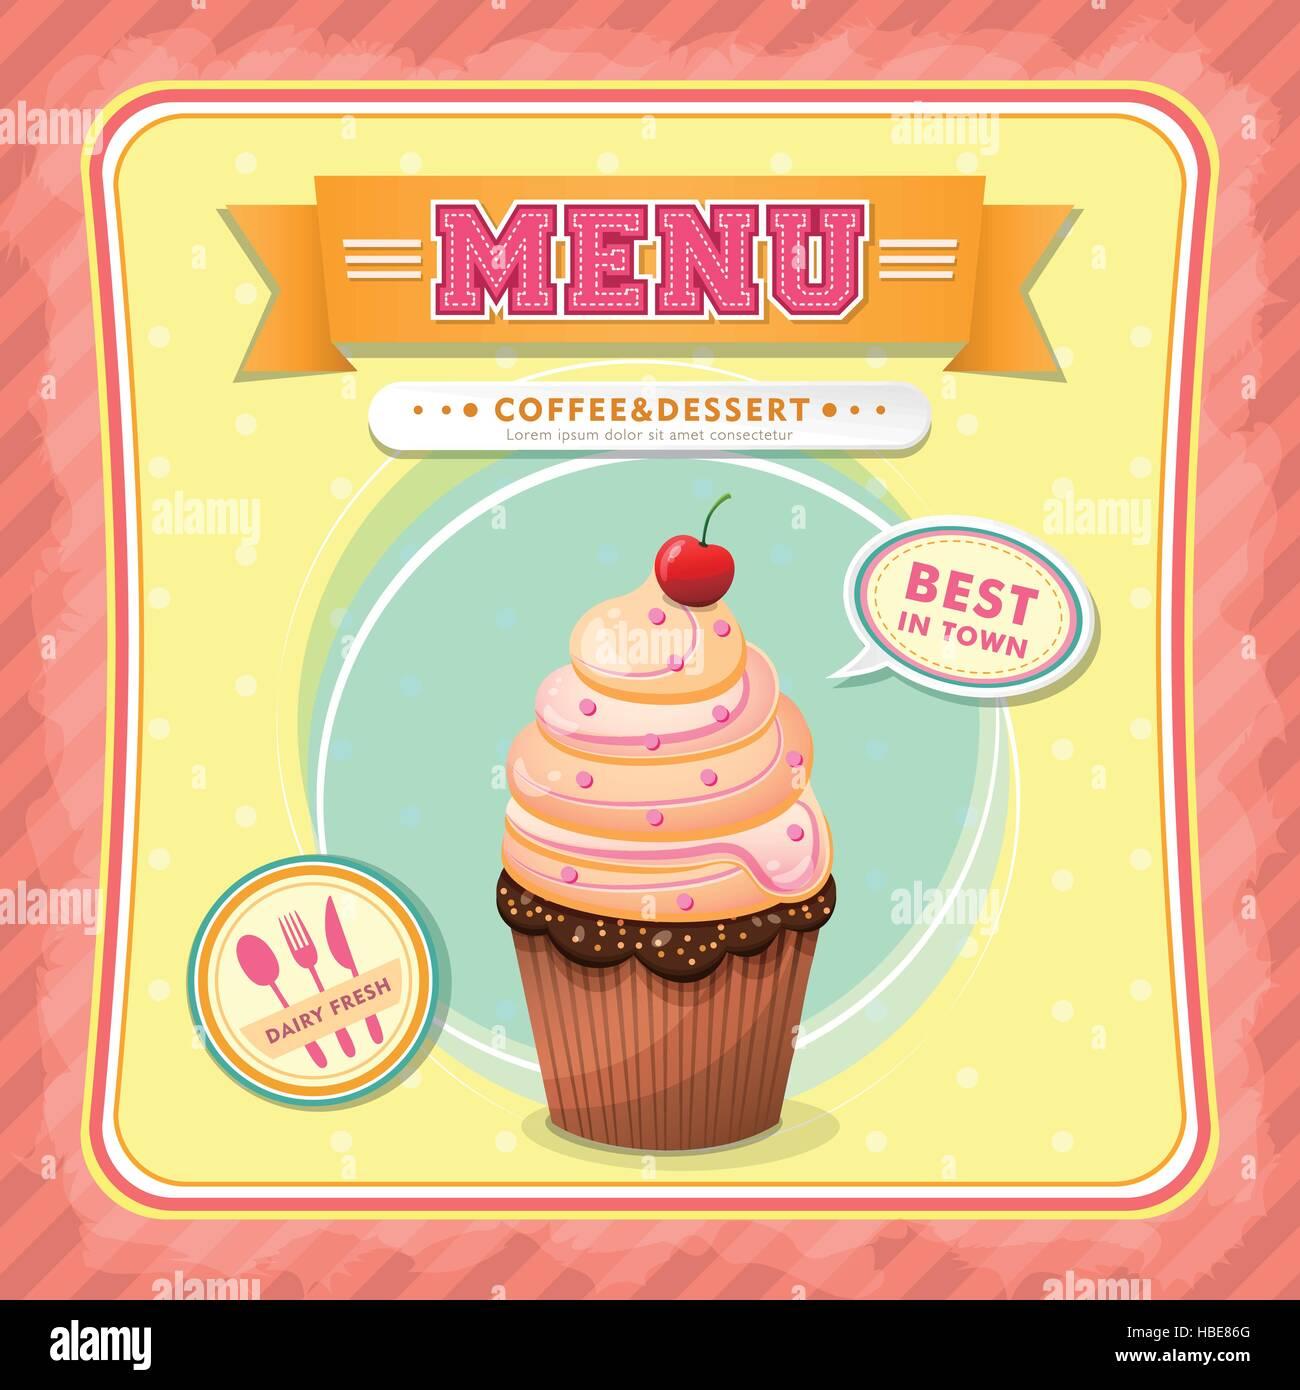 Restaurante helados cubierta menú Plantilla de diseño vectorial ...